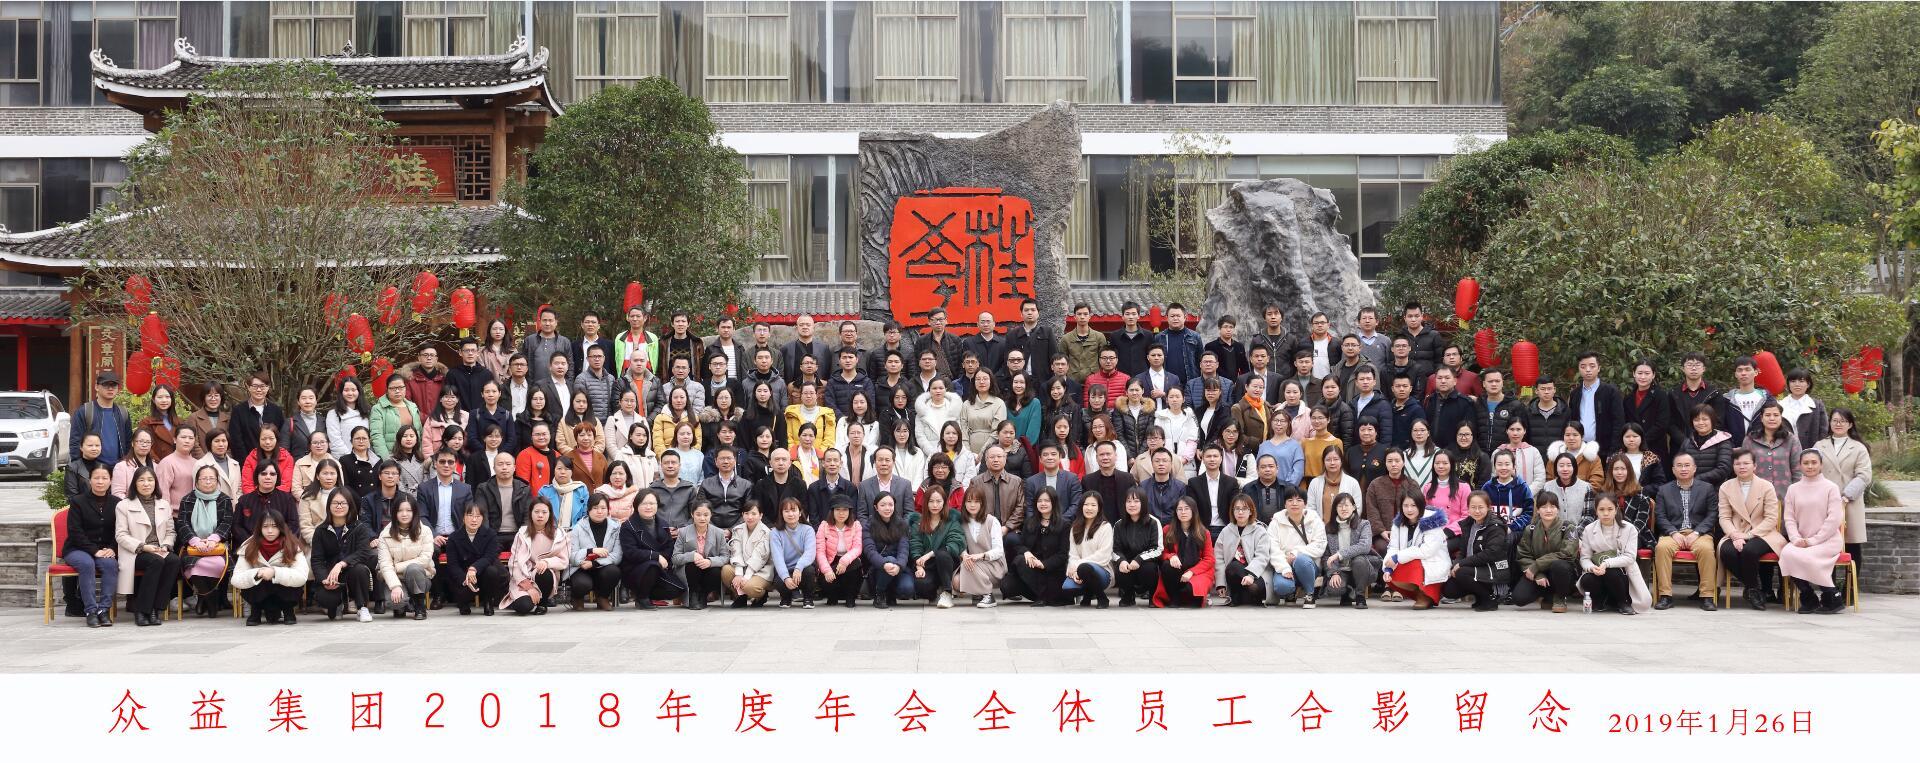 众益集团2019新春年会系列活动